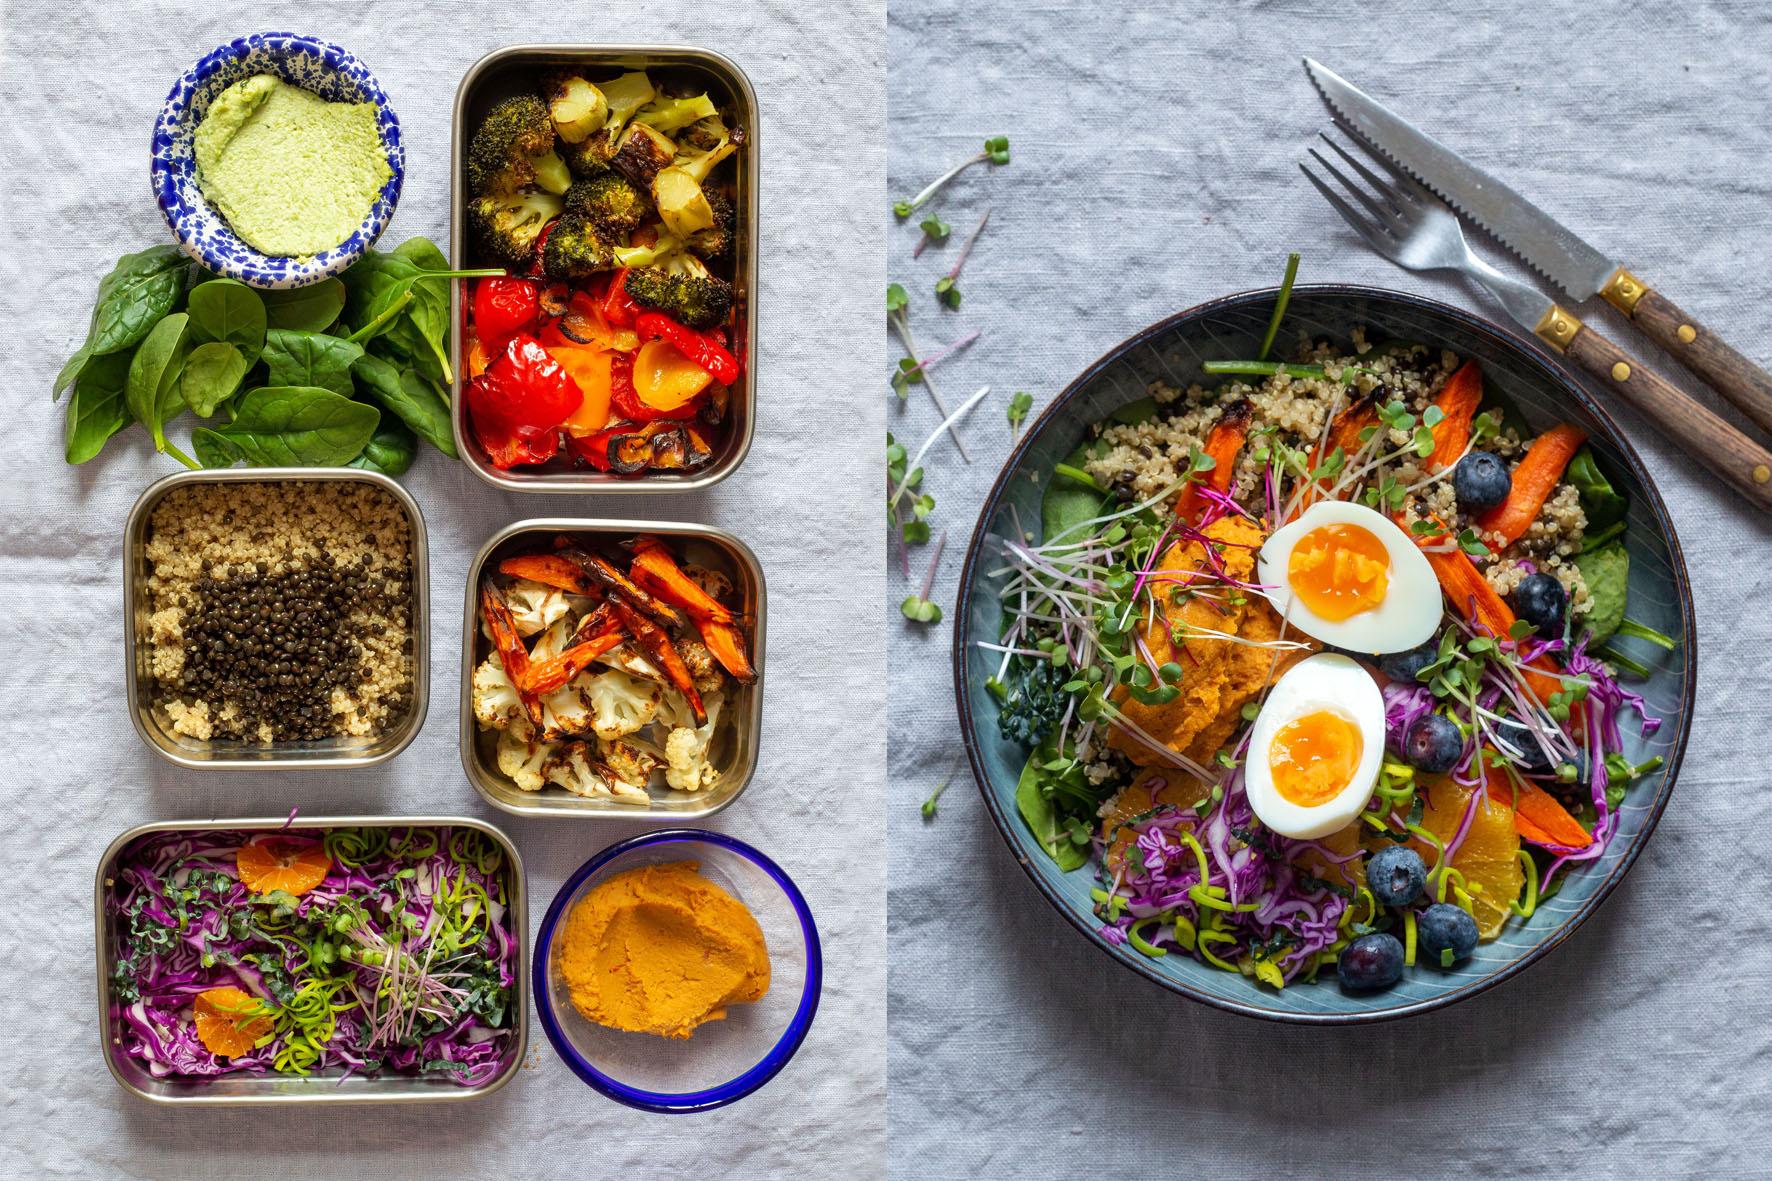 skogtillbord-lunchbowl-feb21